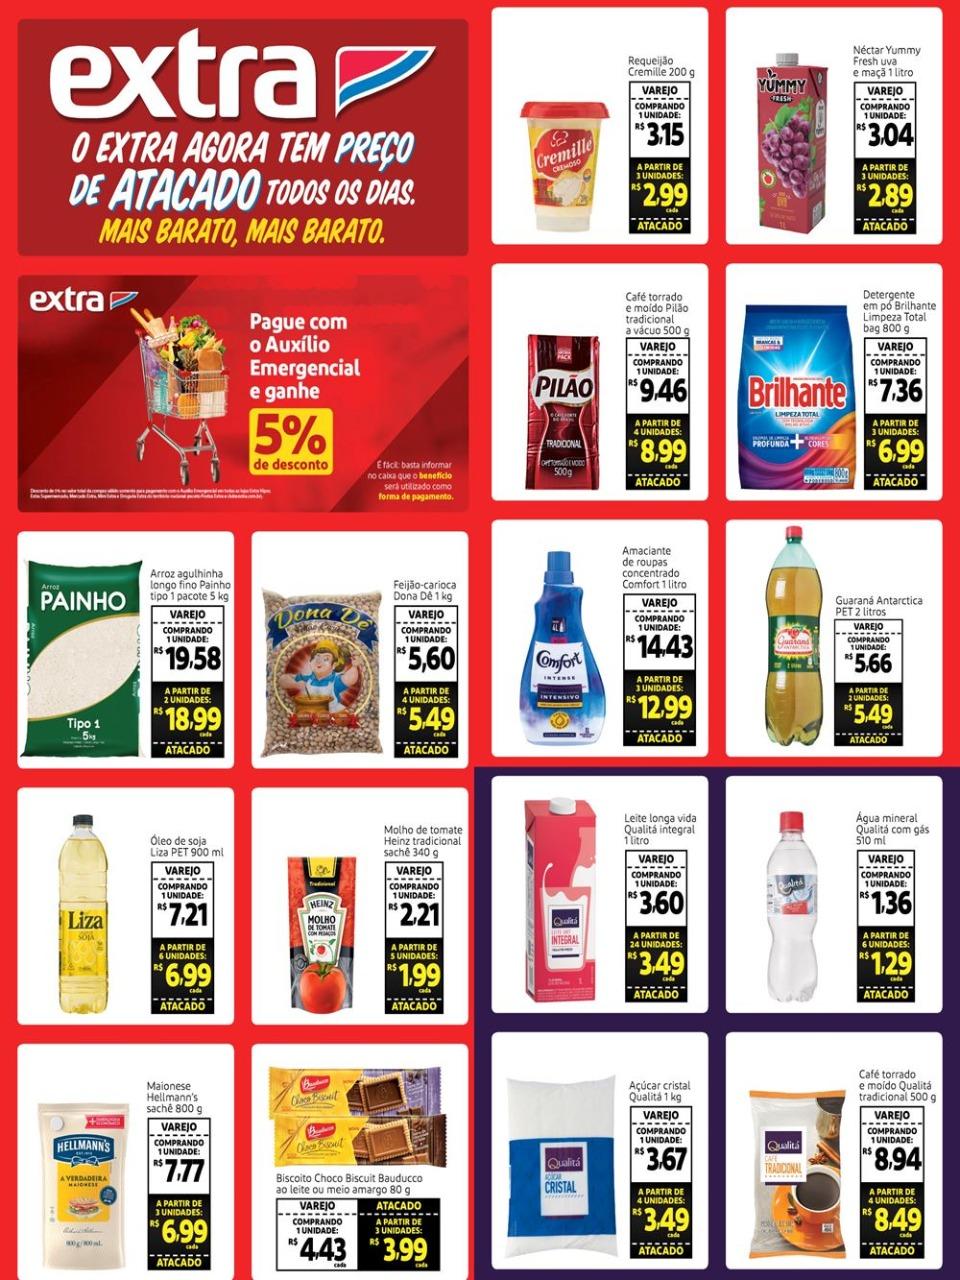 WhatsApp-Image-2021-07-30-at-10.23.07 Extra Hiper Mais Barato Final de Semana de ofertas até 01/08/2021